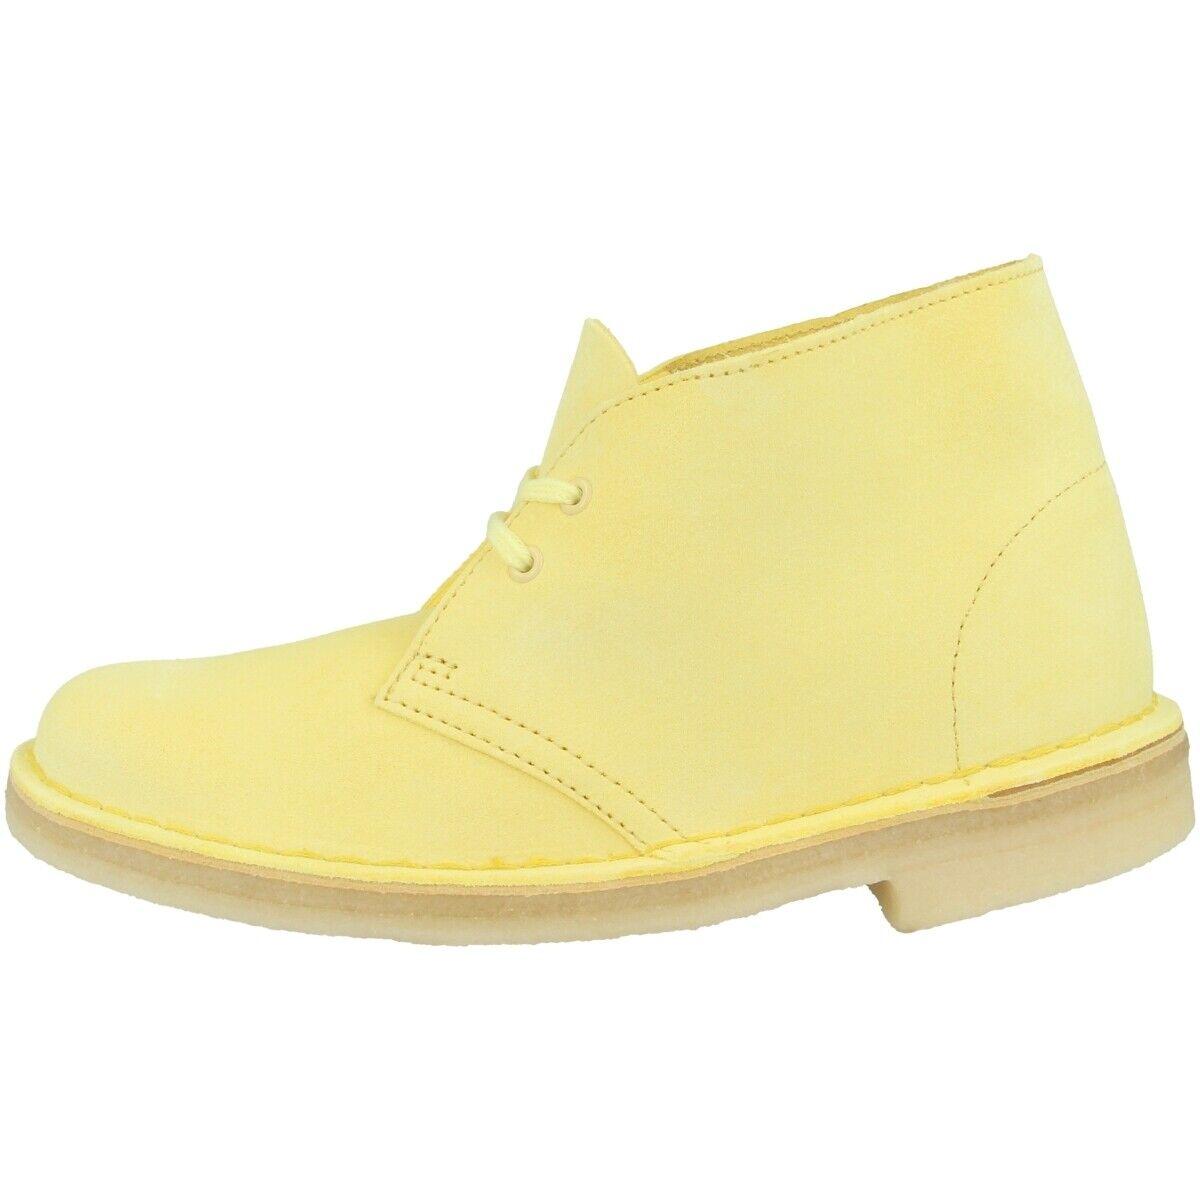 Clarks Desert Stiefel damen Schuhe Damen Stiefel Stiefel Schnürschuhe pale 26138827